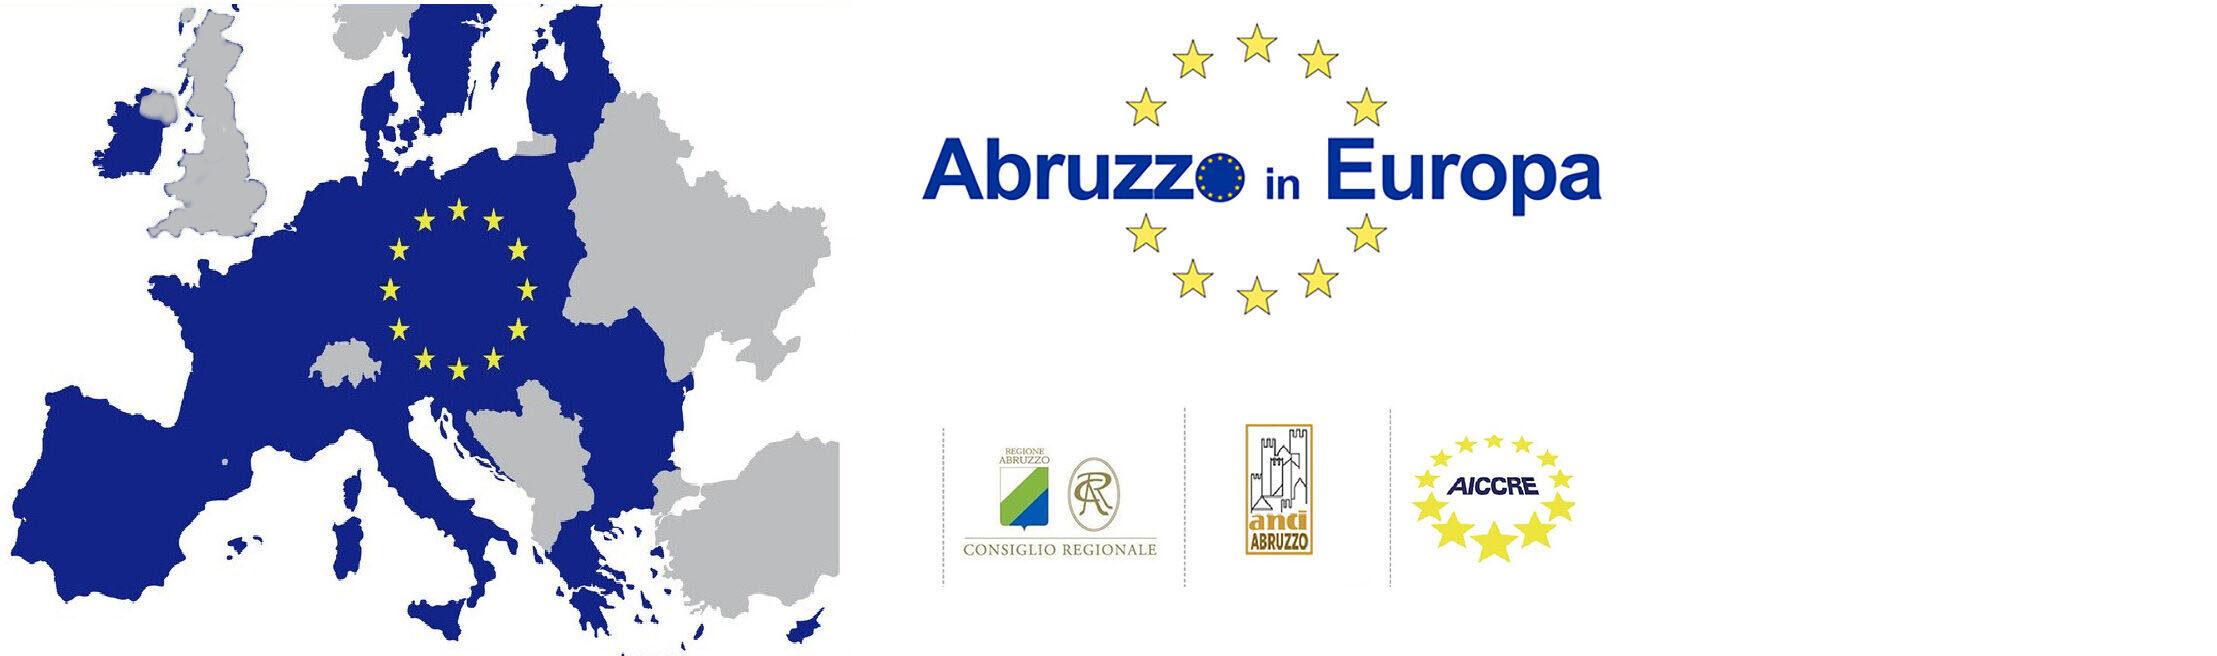 Abruzzo in Europa